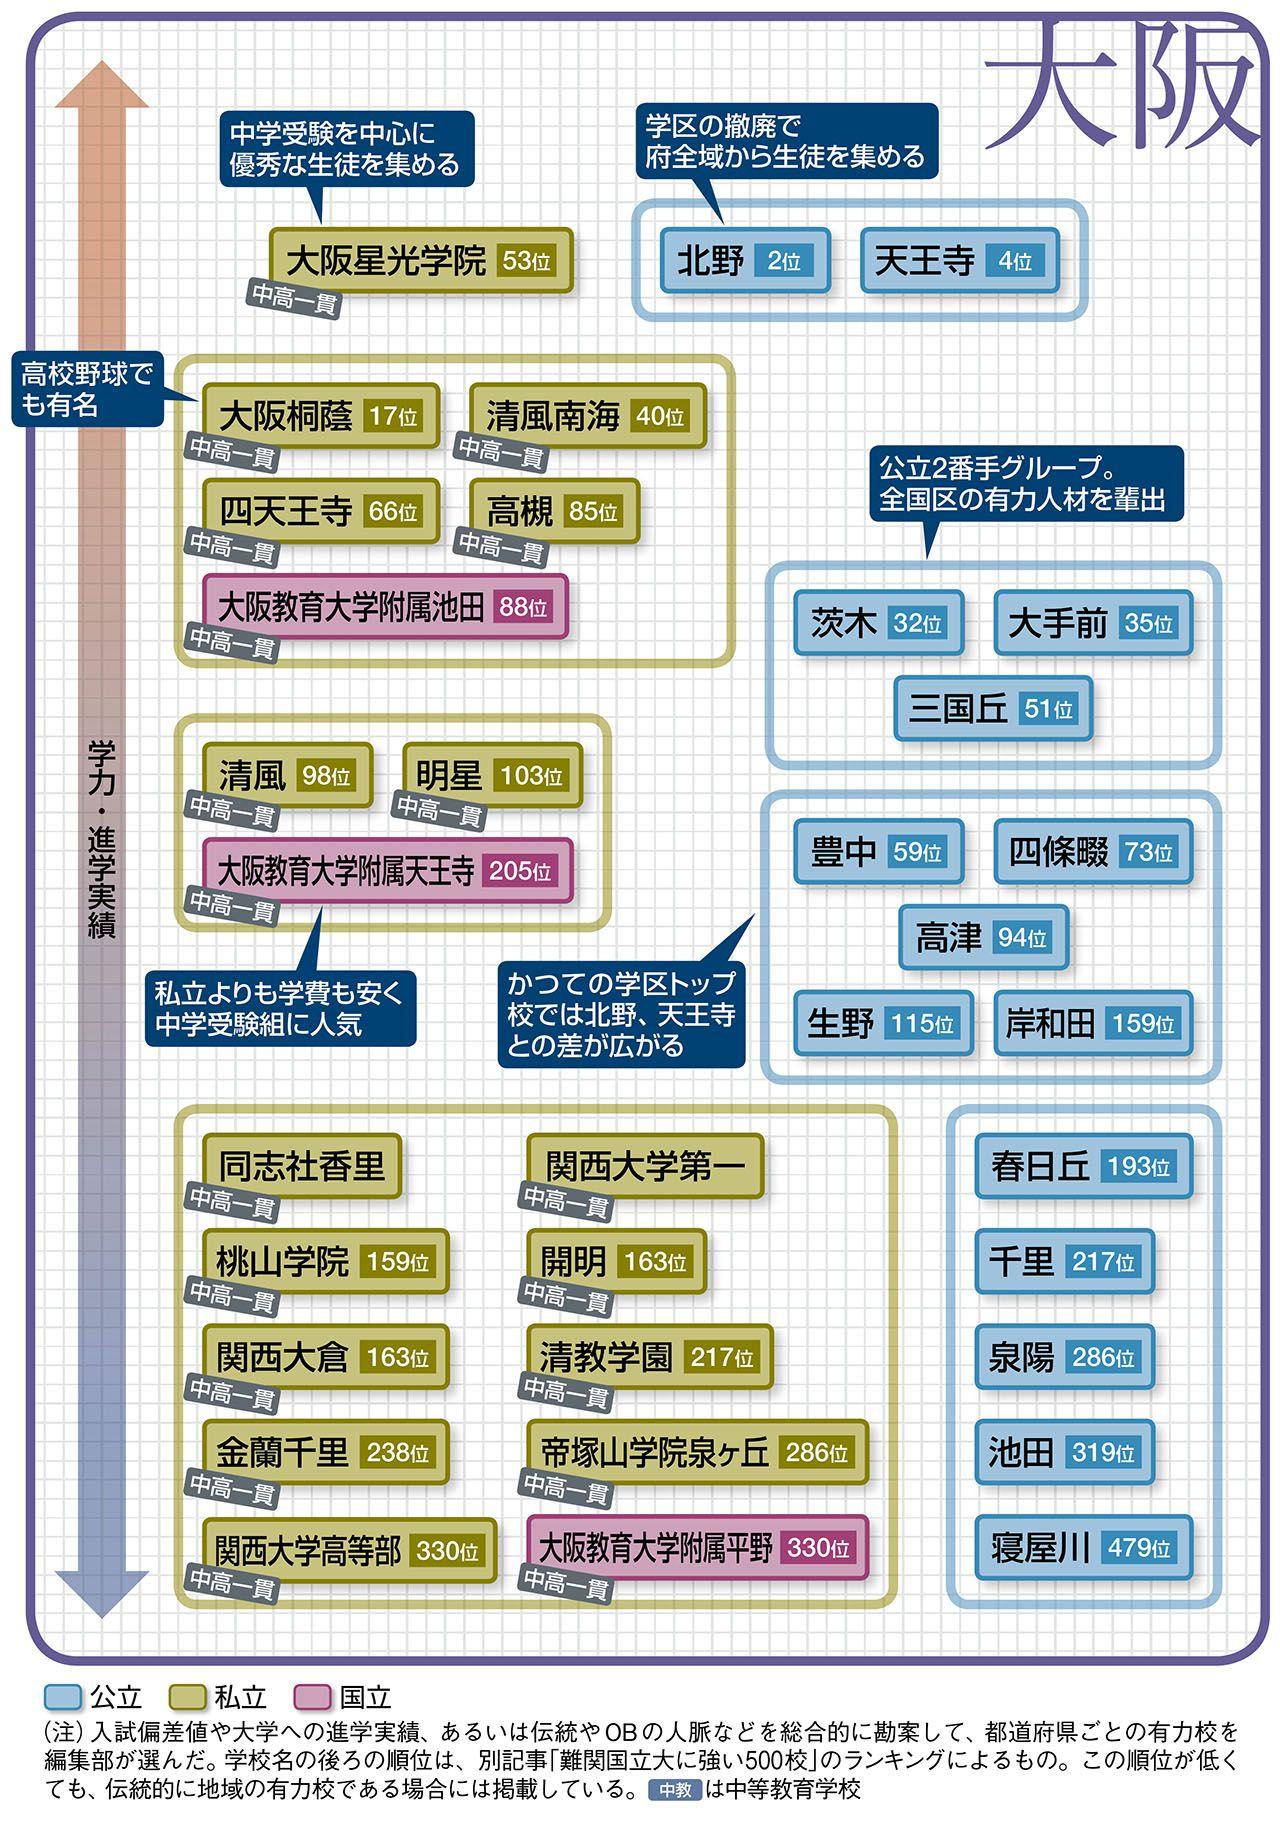 大阪 私立 高校